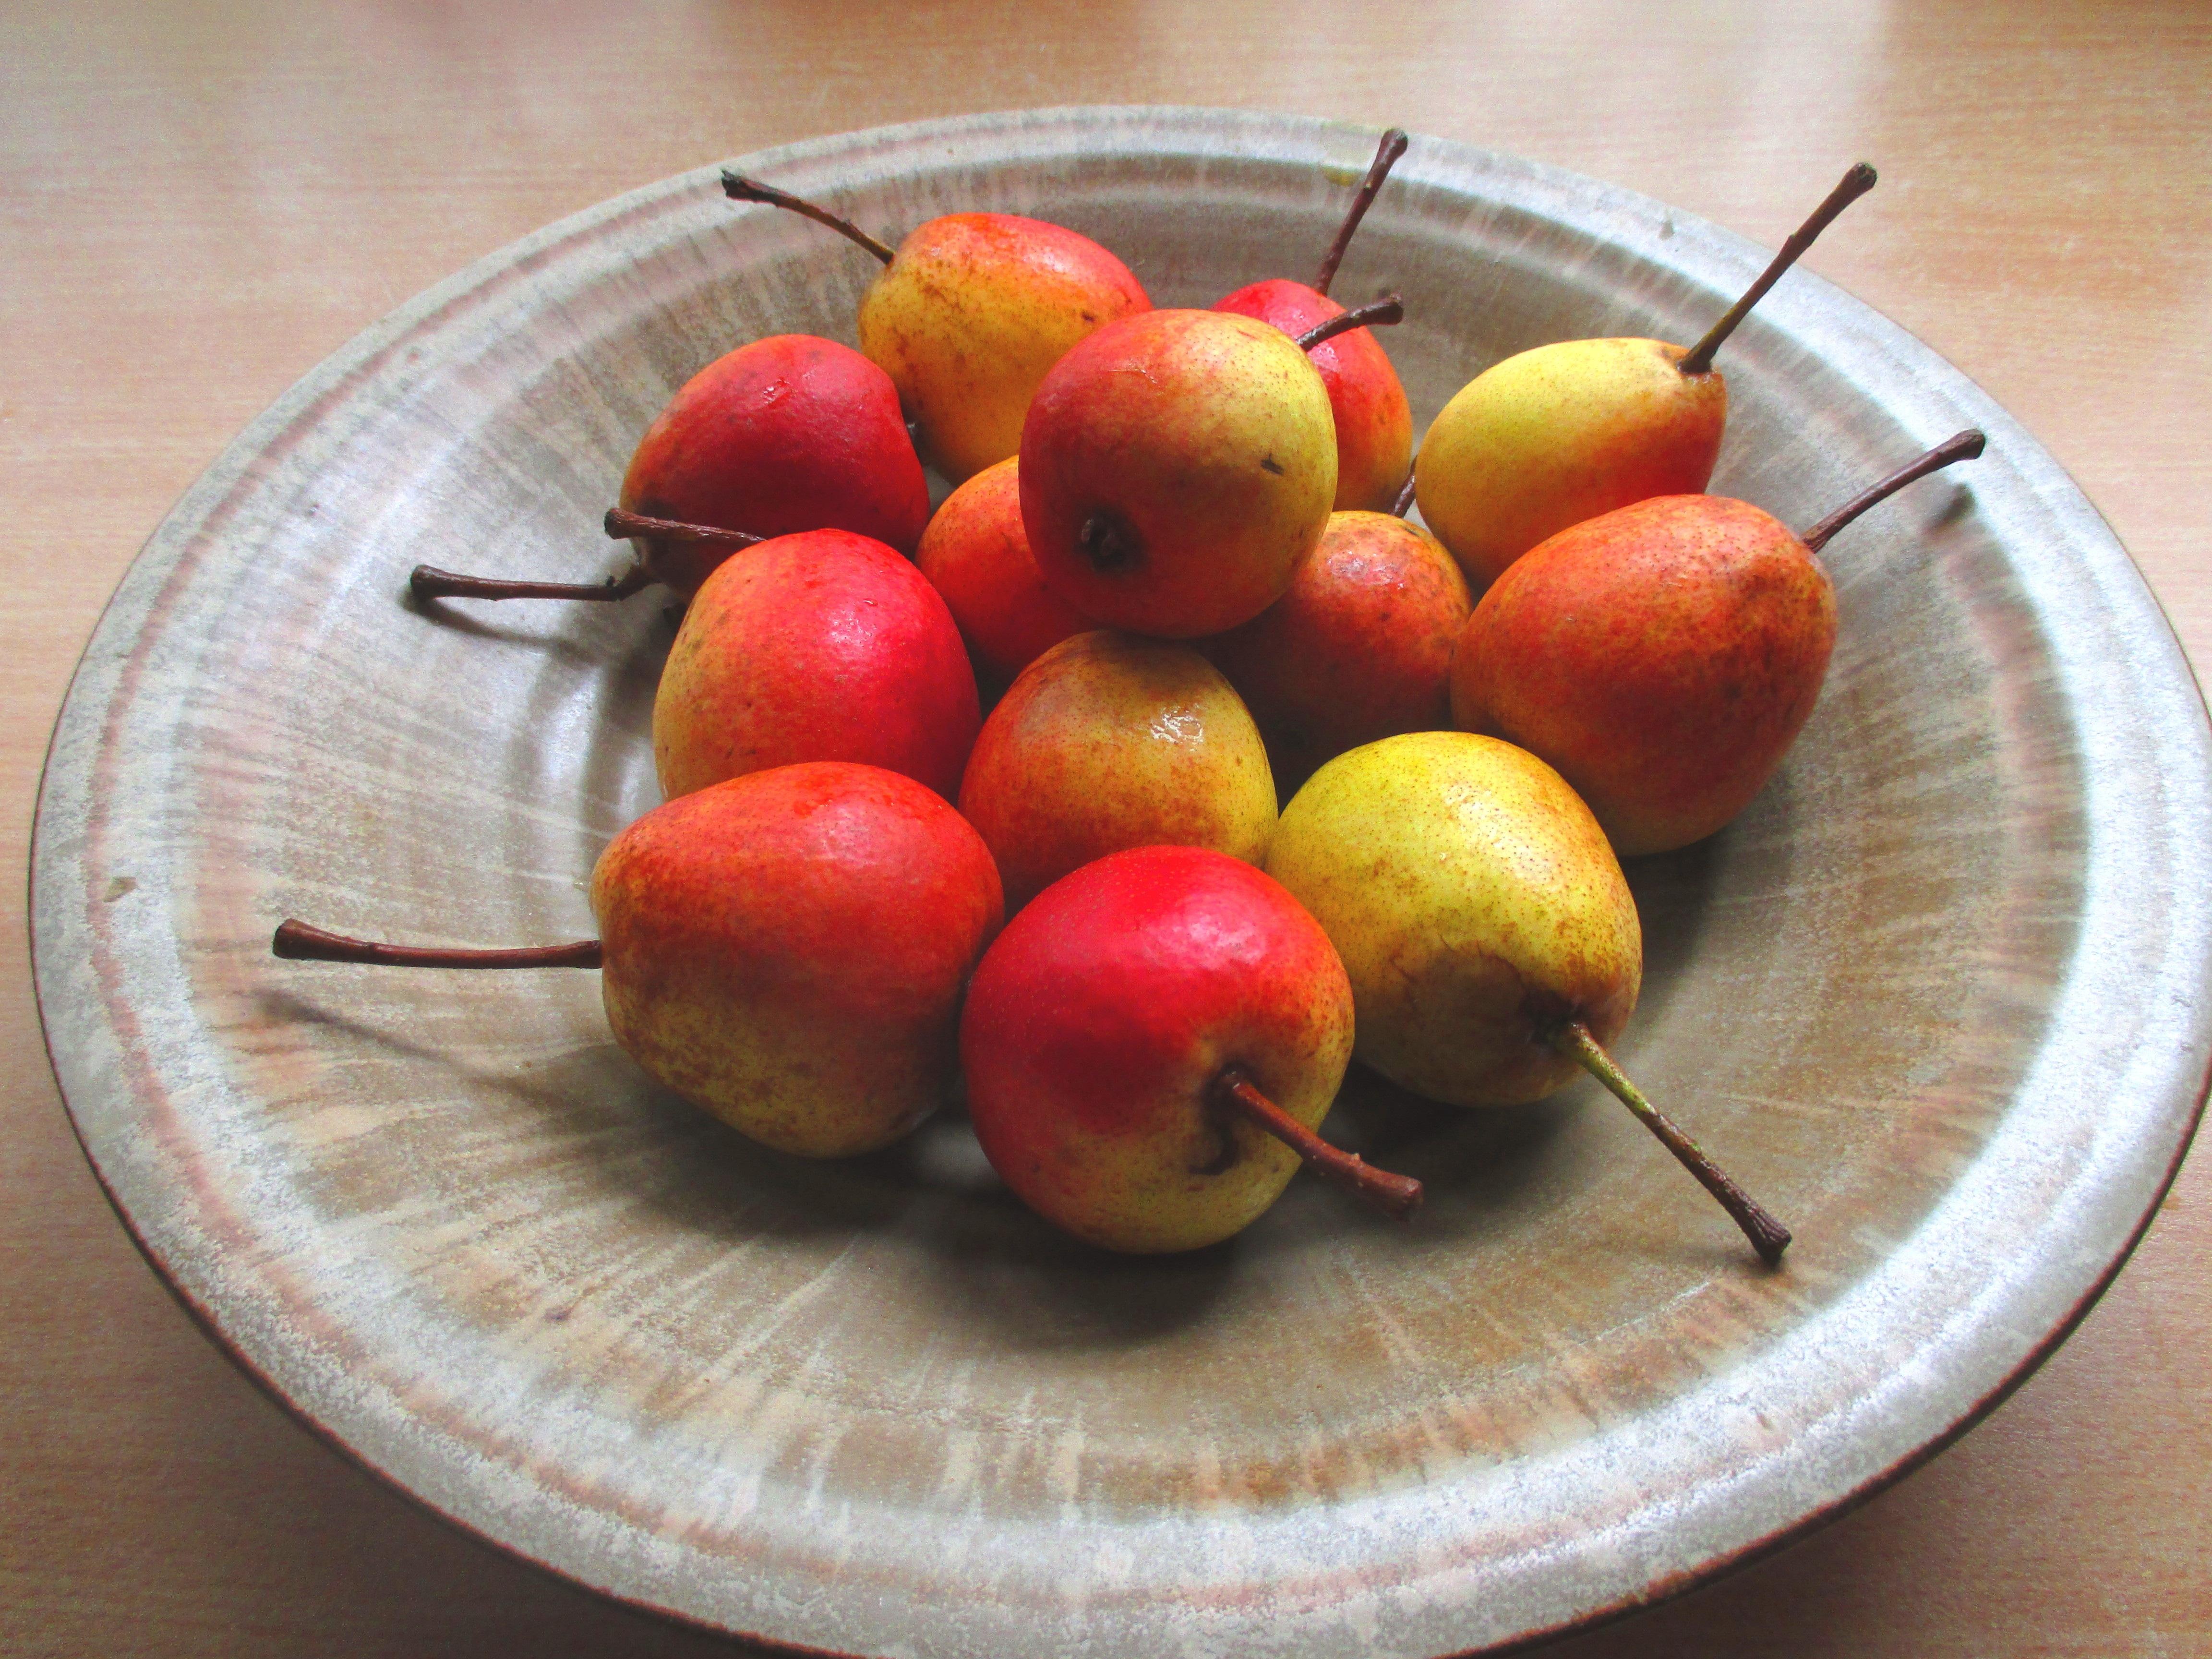 Poze Măr Plantă Fruct Copt Alimente Roșu Legume şi